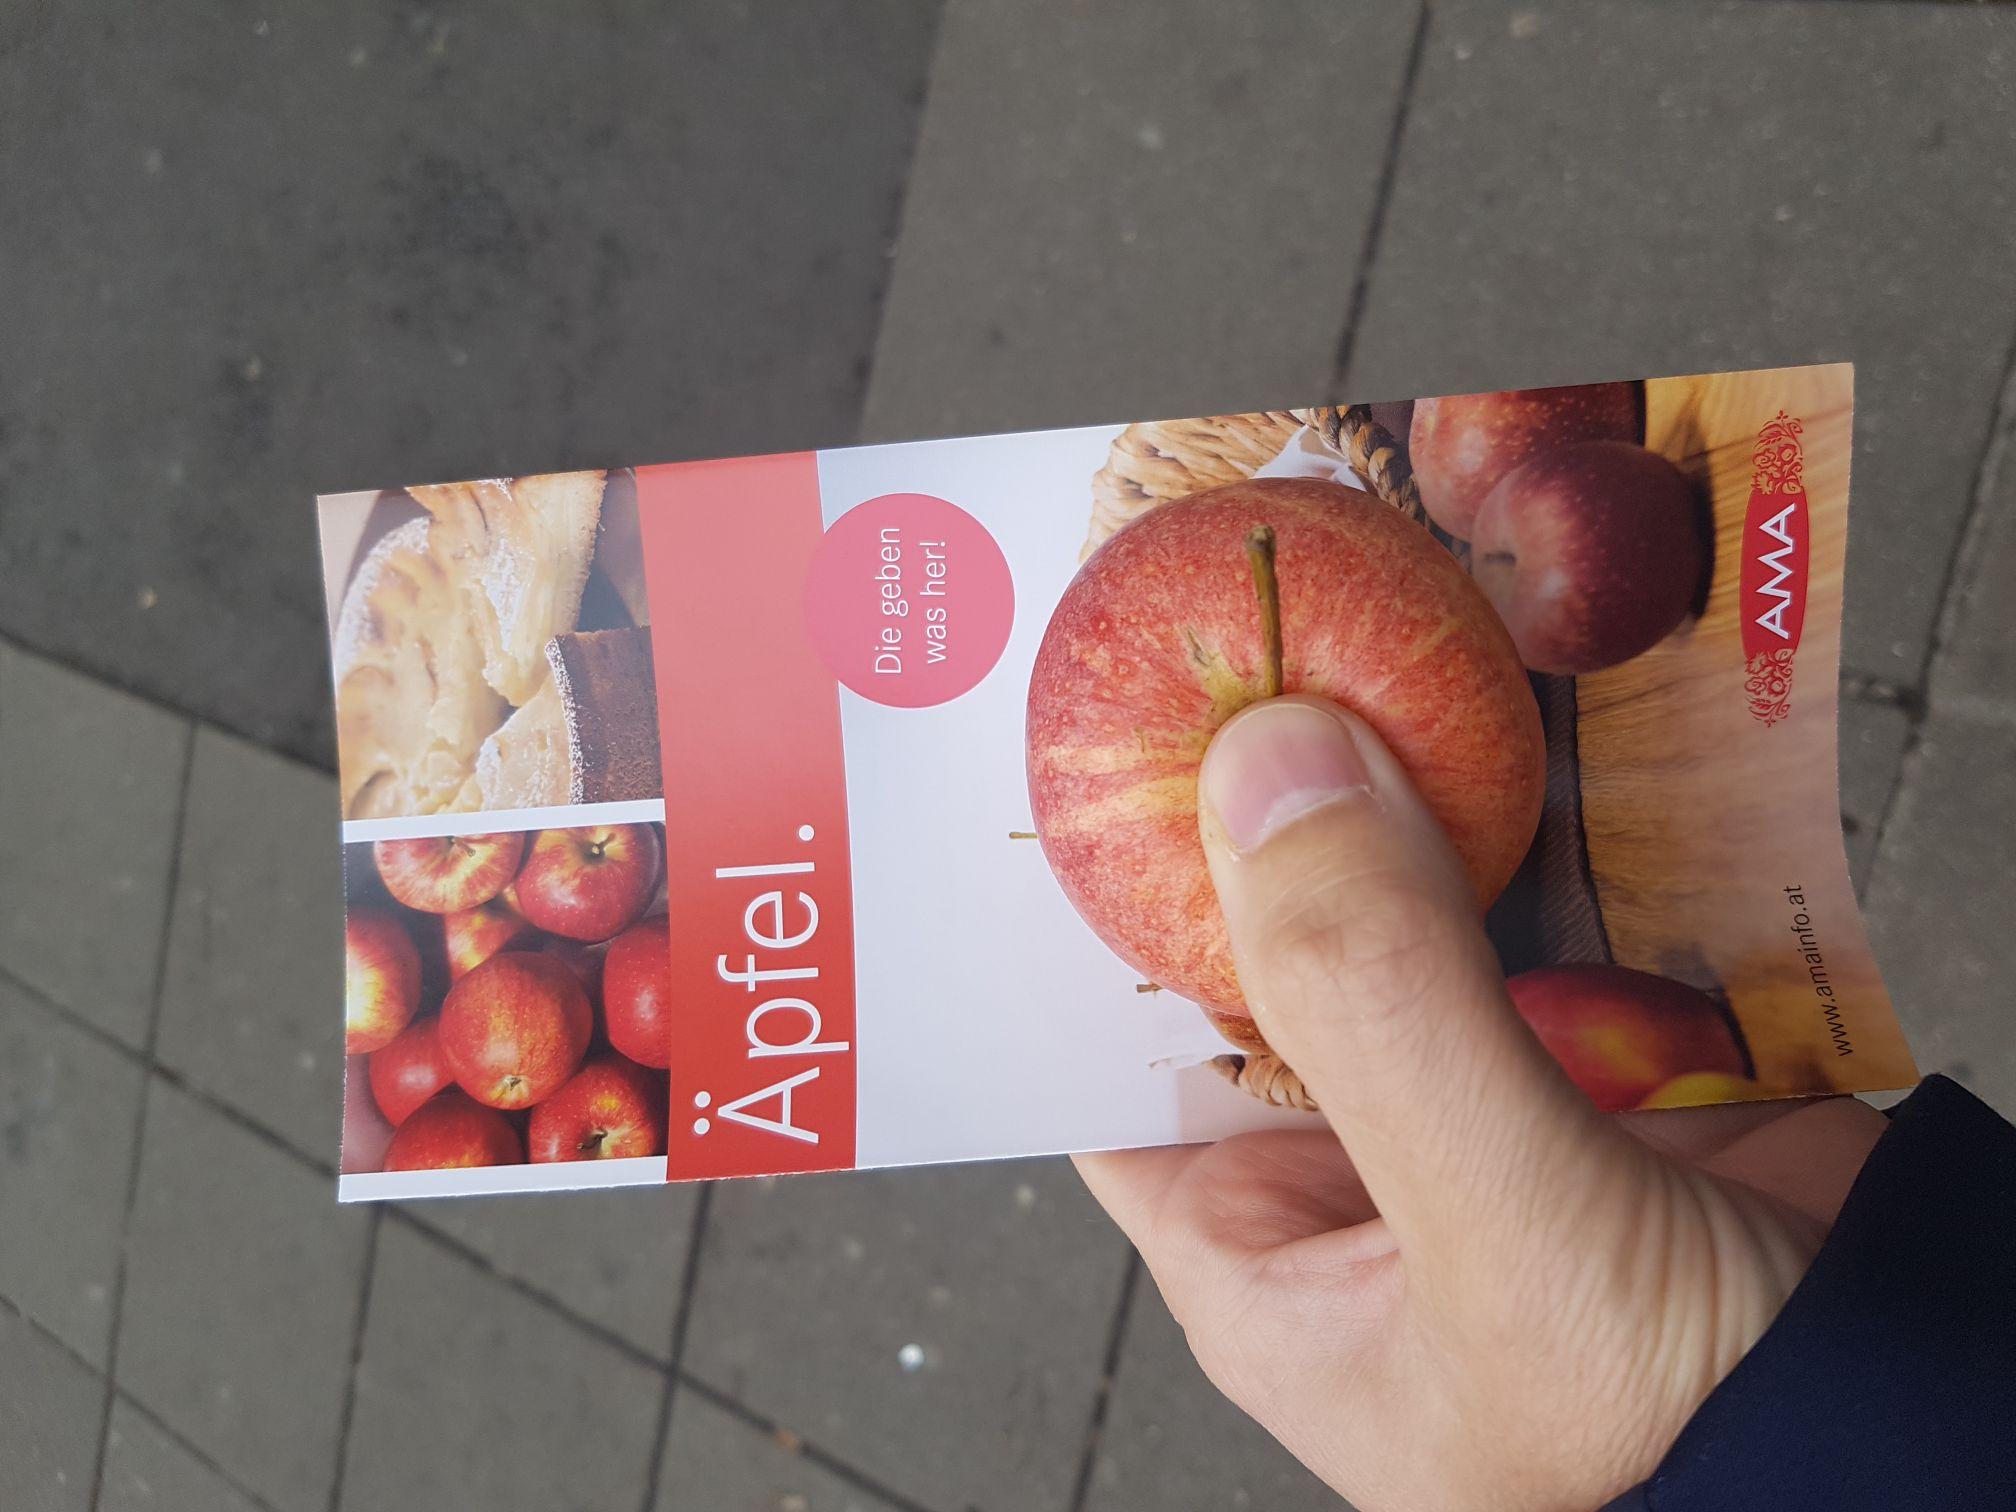 Gratis Apfel am Schwedenplatz (Wien)